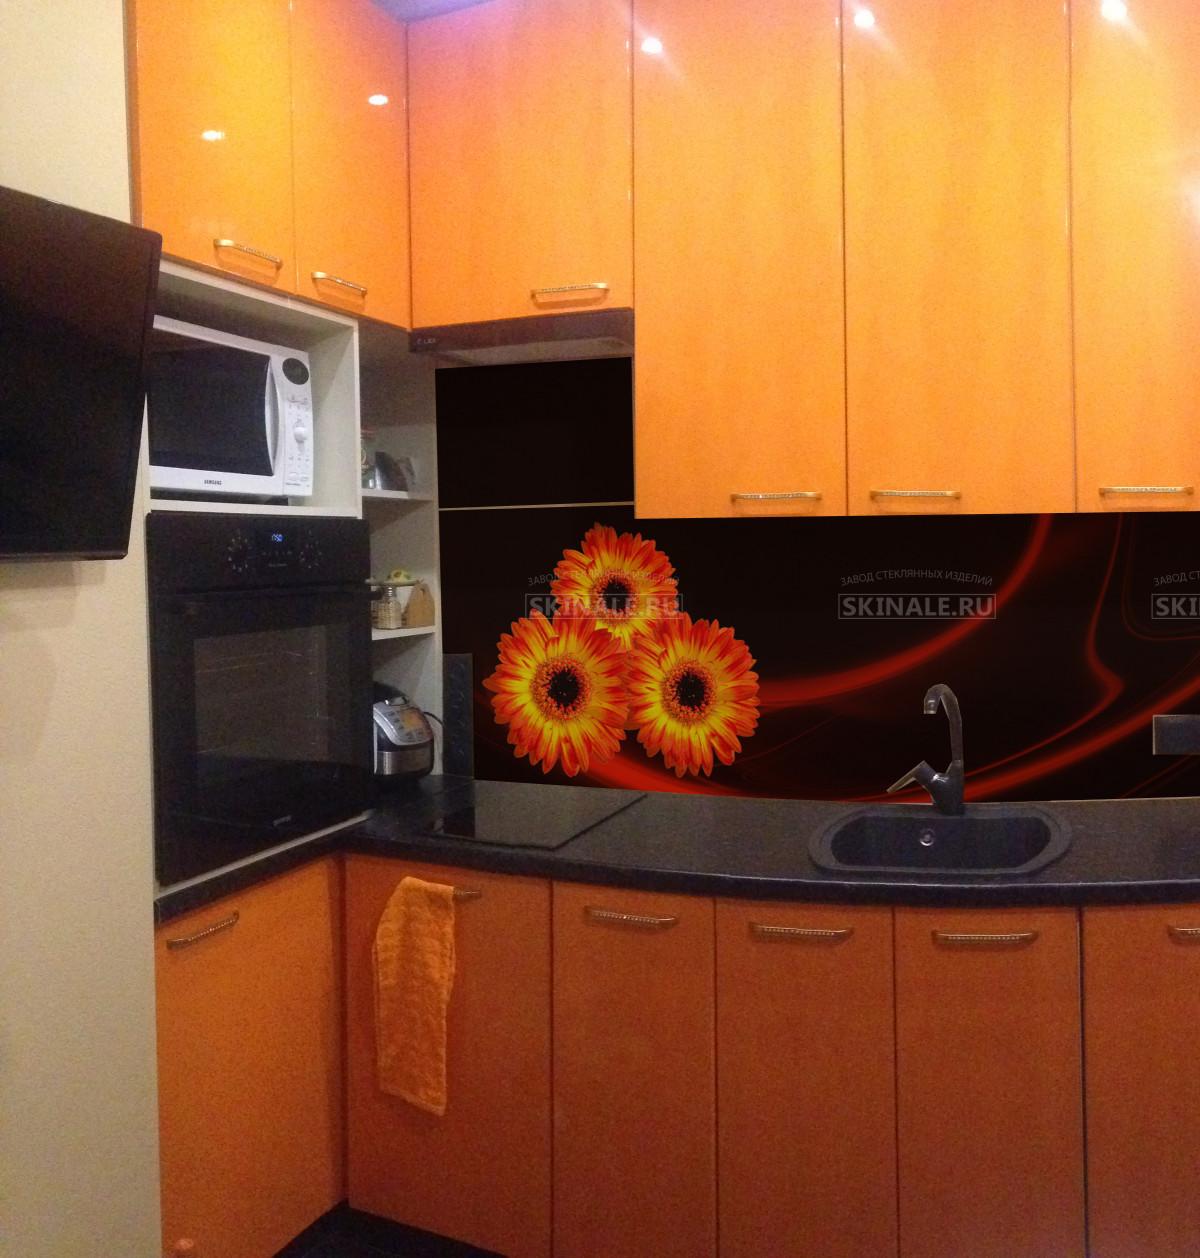 астробиологи допускают, скинали для бело оранжевой кухни цветы фото пострадавших нет